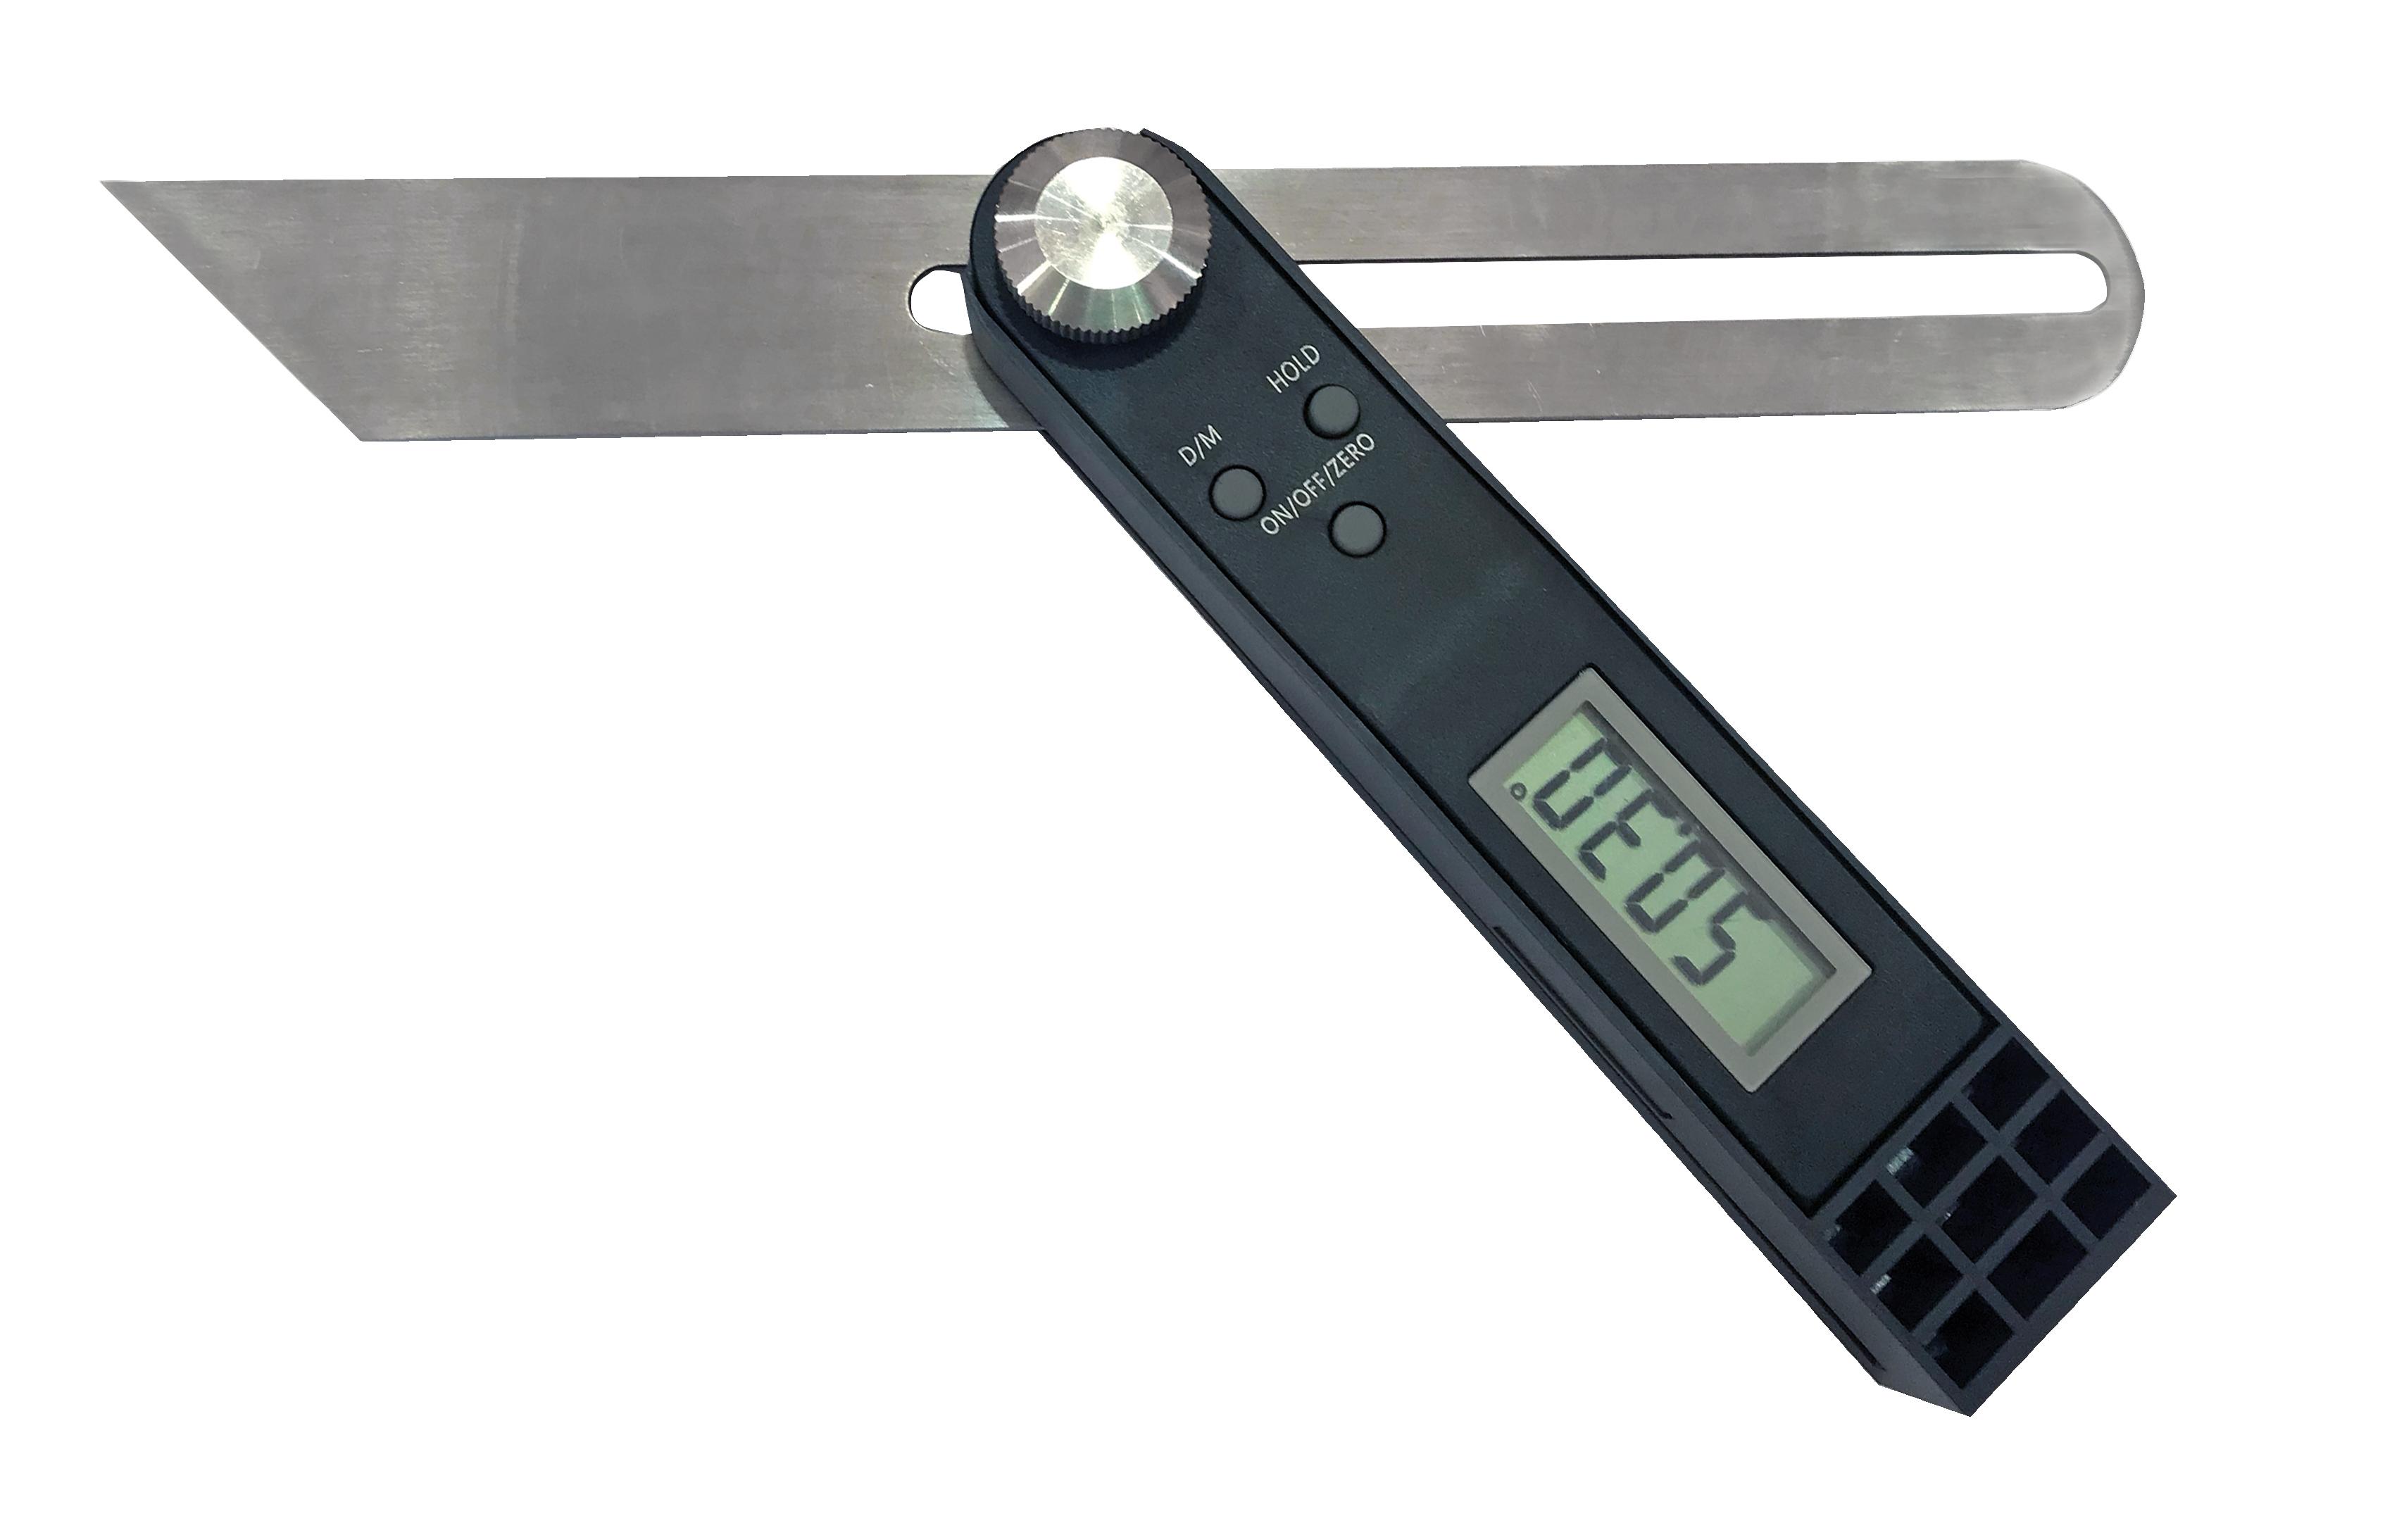 Digital-Schmiege - 180°